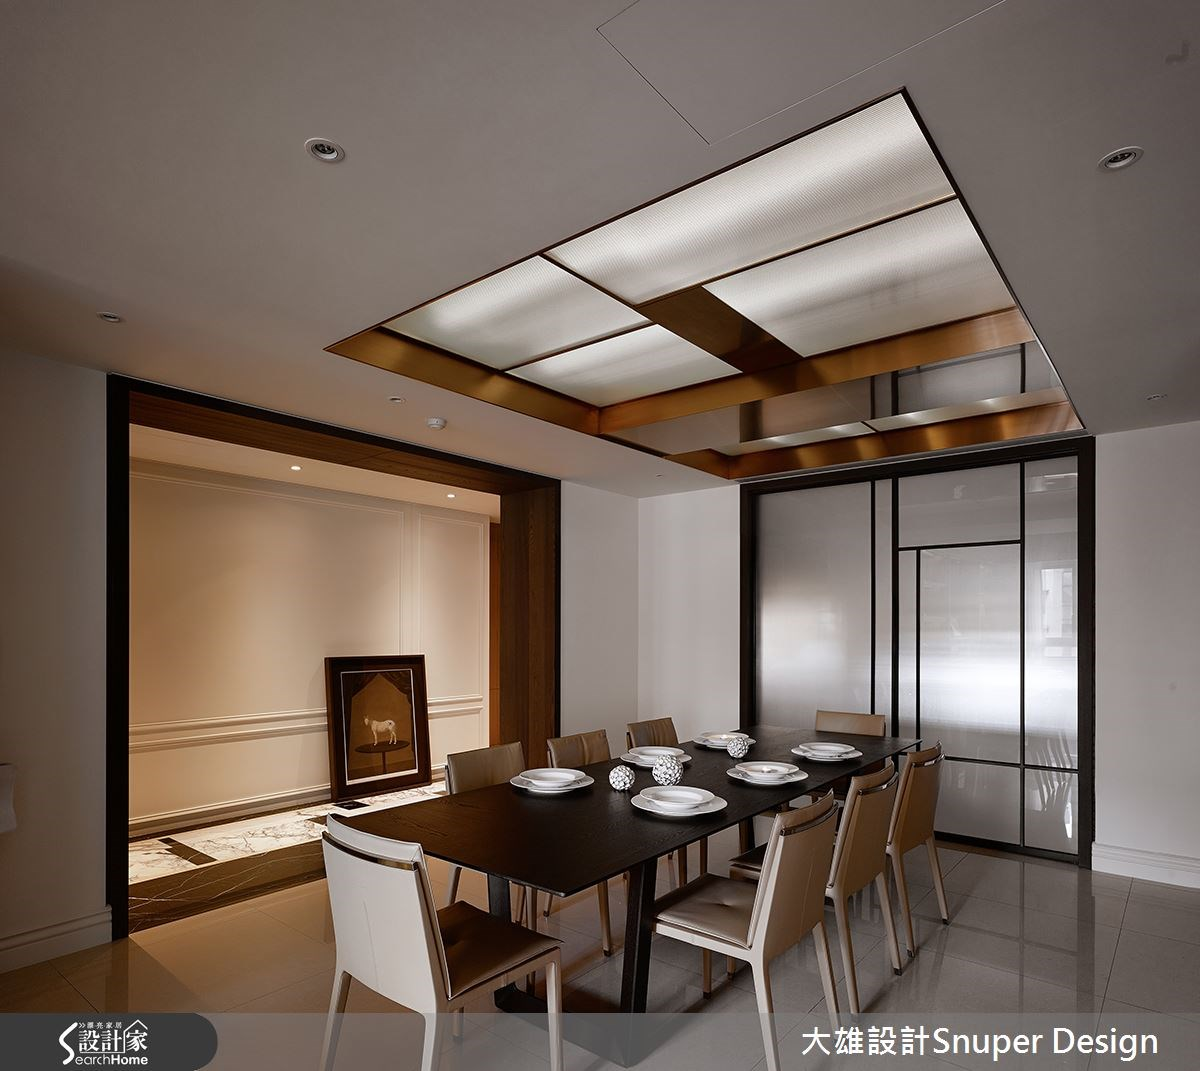 餐廳採用流明天花照明,取代傳統主燈設計,並在旁規畫居家廊道,成為轉折進到主臥空間的通道;對稱式的廊道設計延伸了空間感,並以大理石拼花鋪陳地坪,搭配牆面的線板表現,突現歐式大器優雅風範。